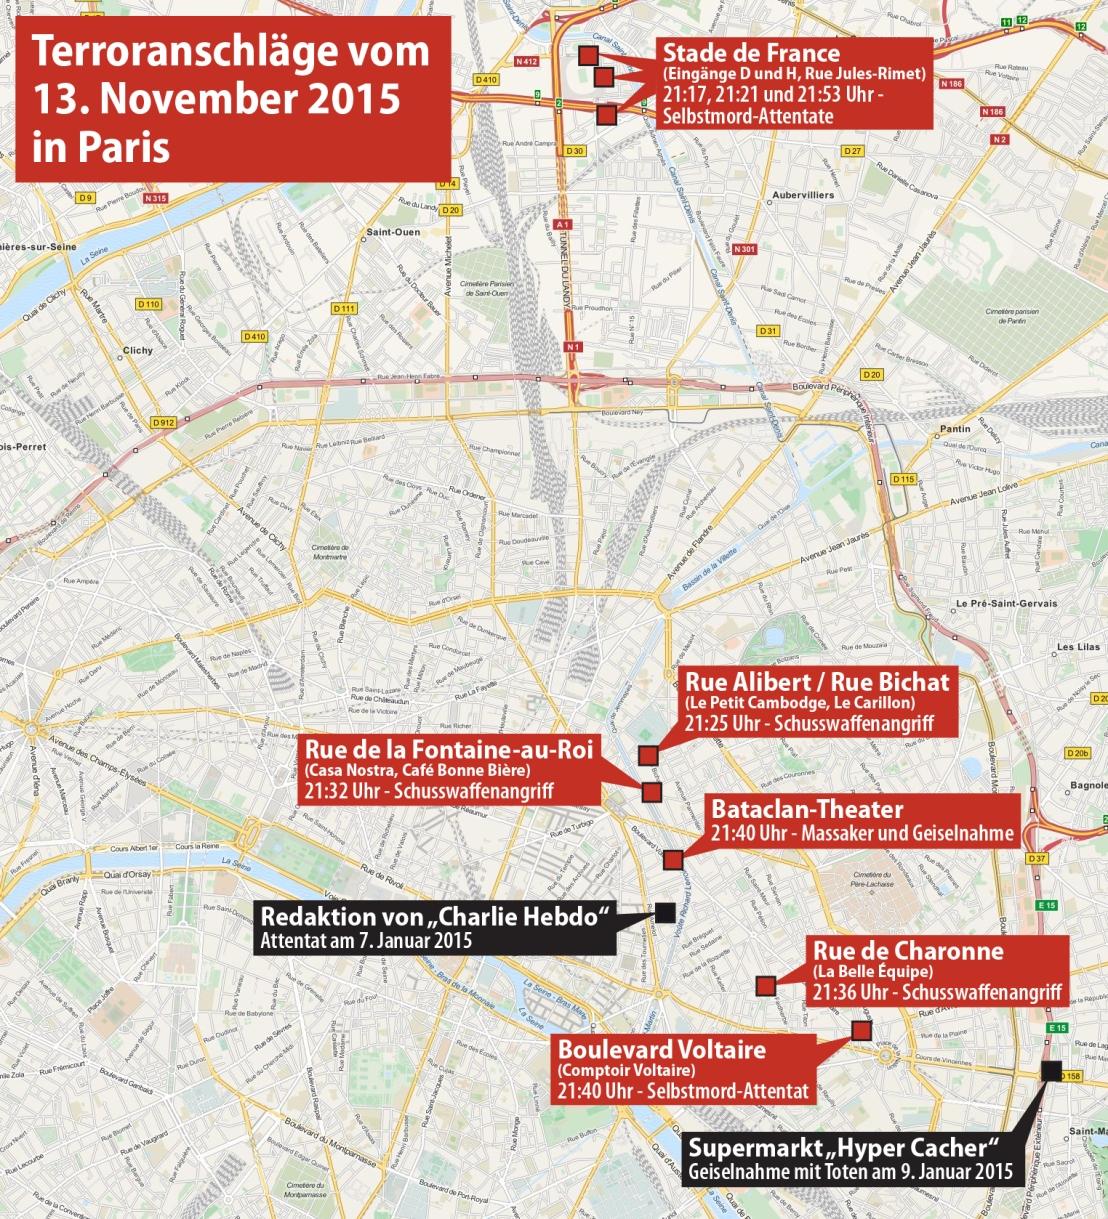 Karte_der_Terroranschläge_vom_13._November_2015_in_Paris